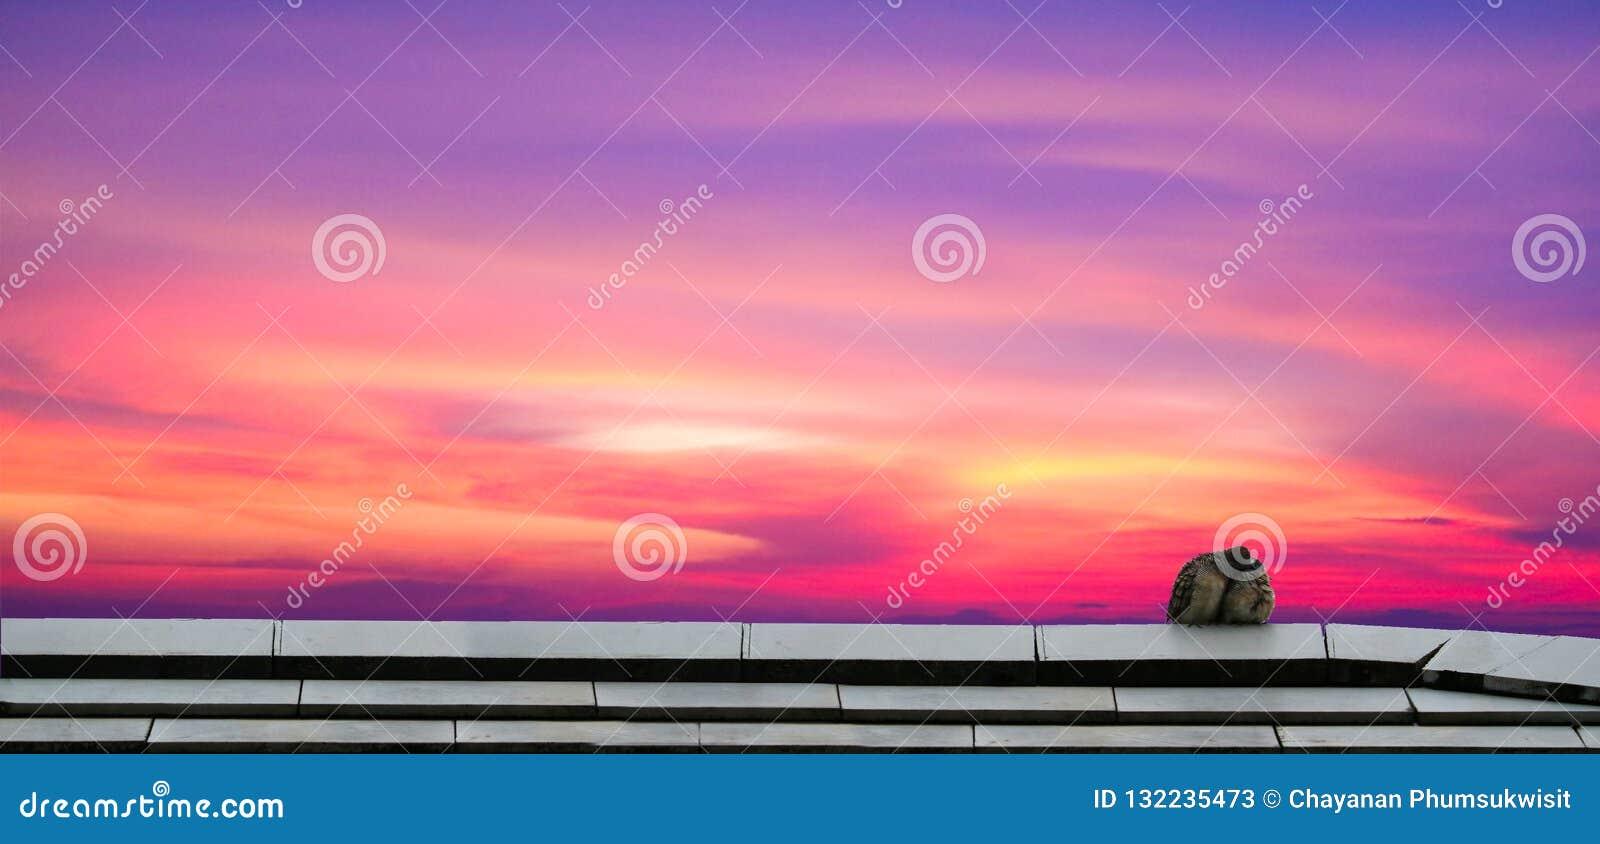 Beso de dos pájaros en el tejado y el cielo y la nube coloridos del panorama en el sol